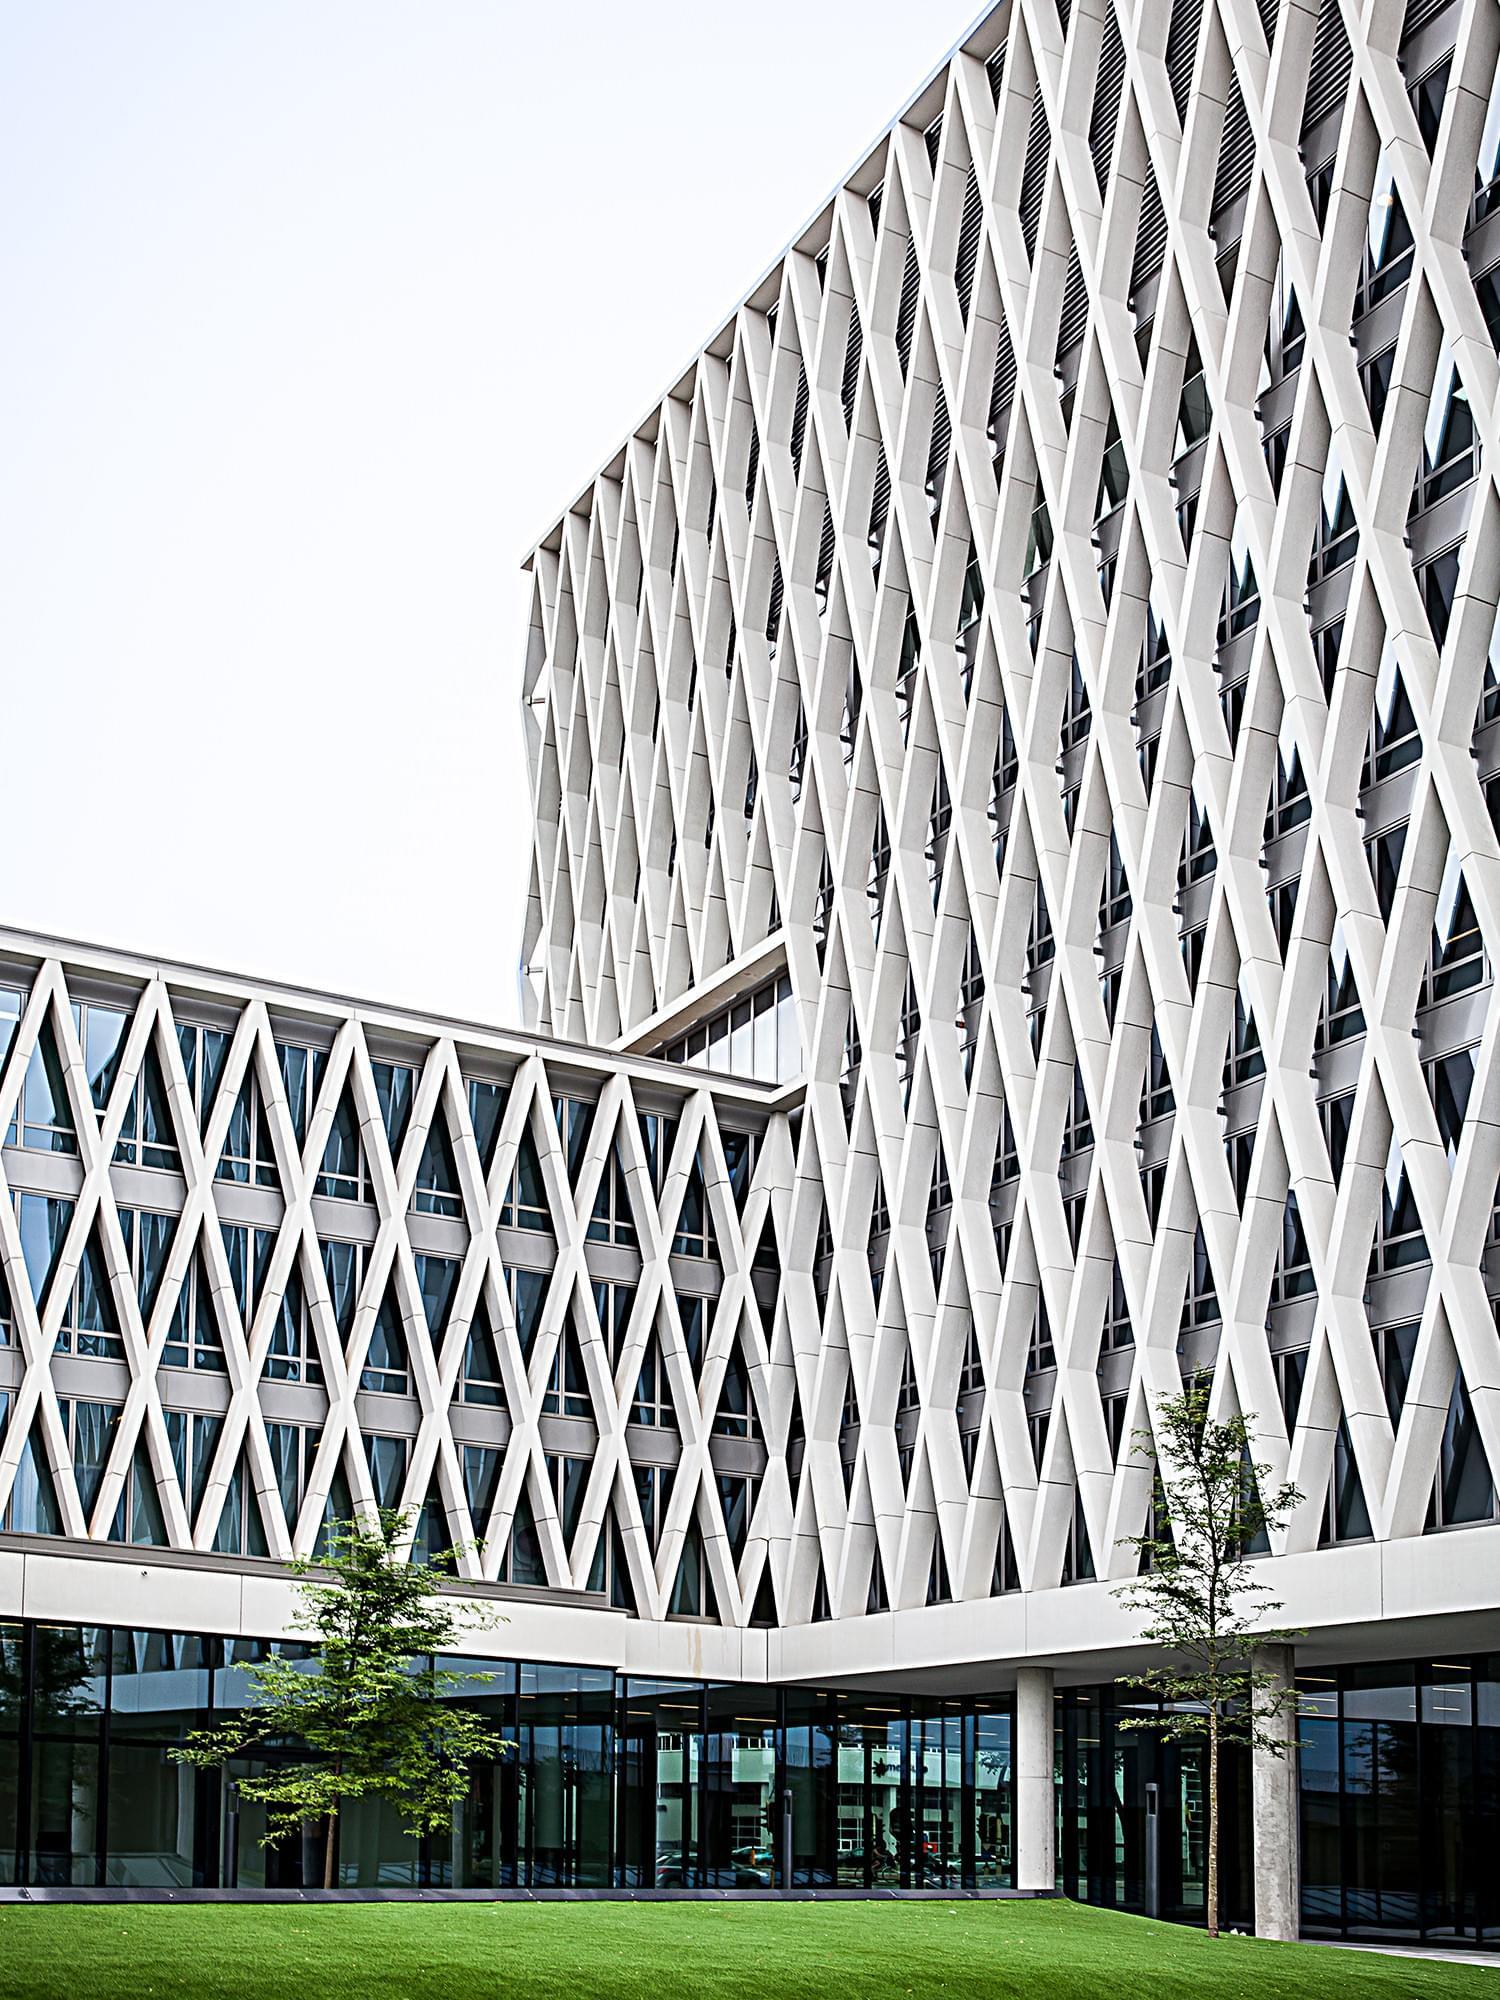 Artesis Hogeschool met X-elementen van Verheyen Beton